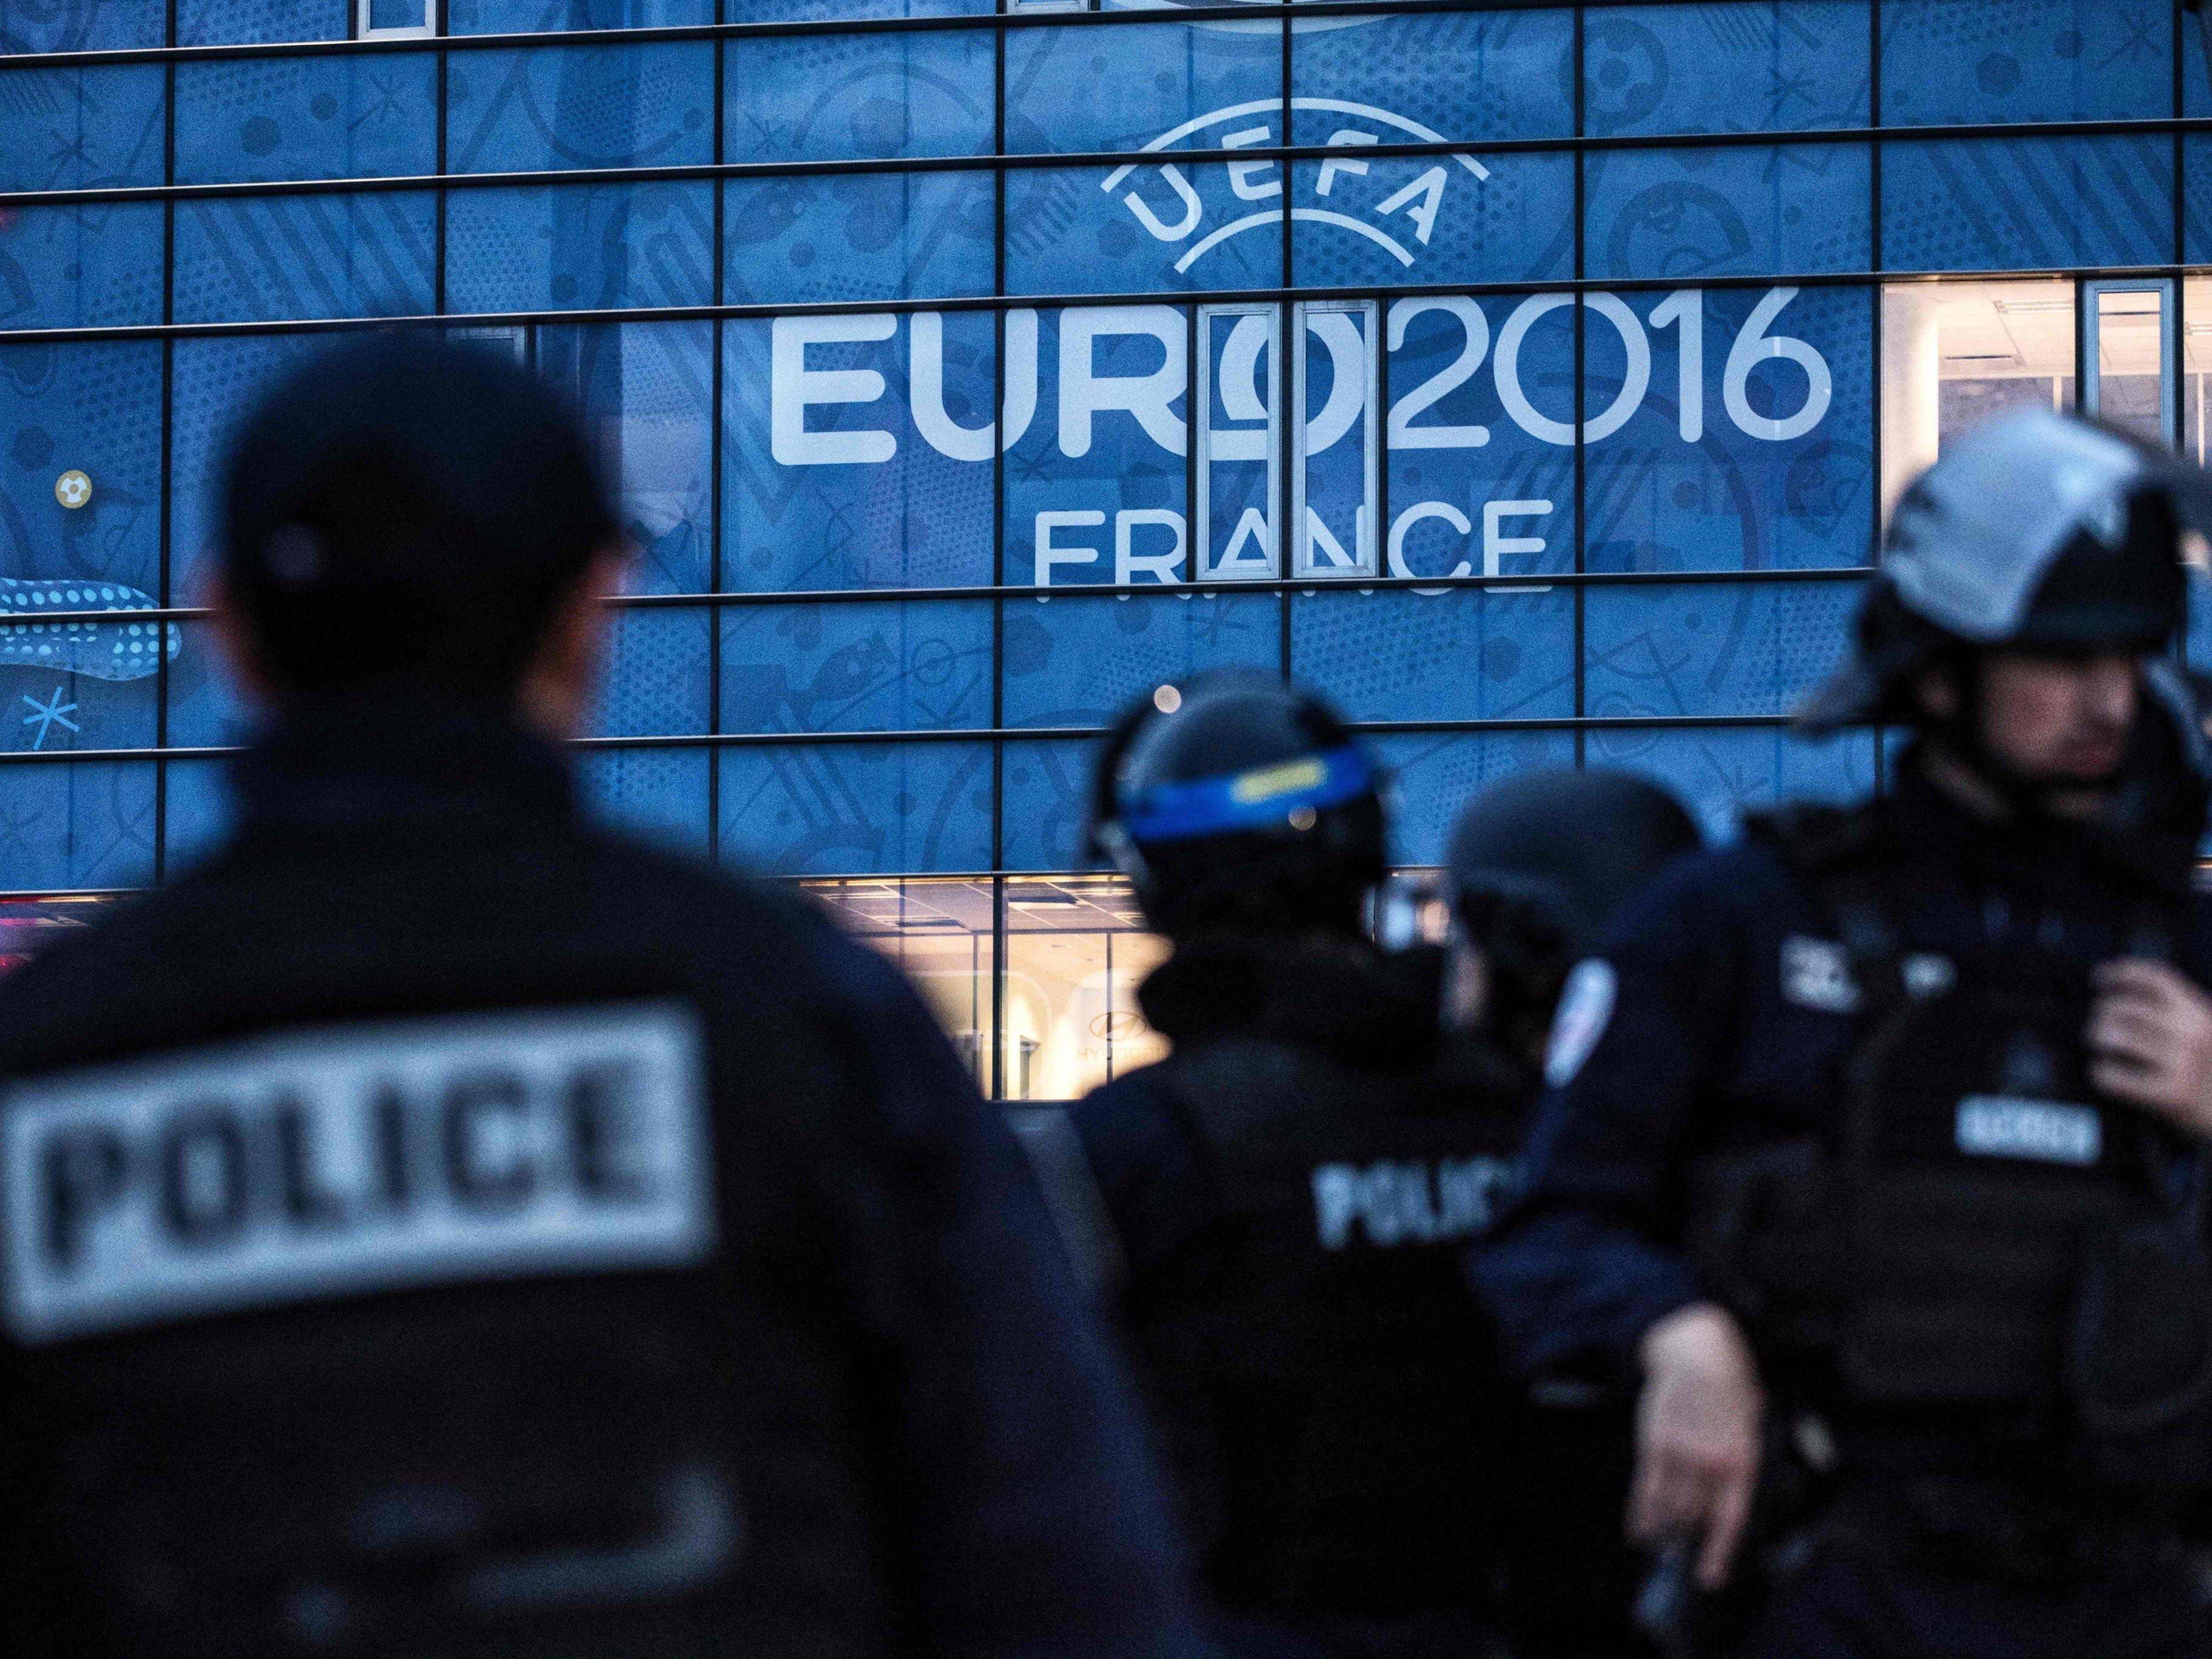 Der Franzose hatte Anschläge bei der EM geplant.